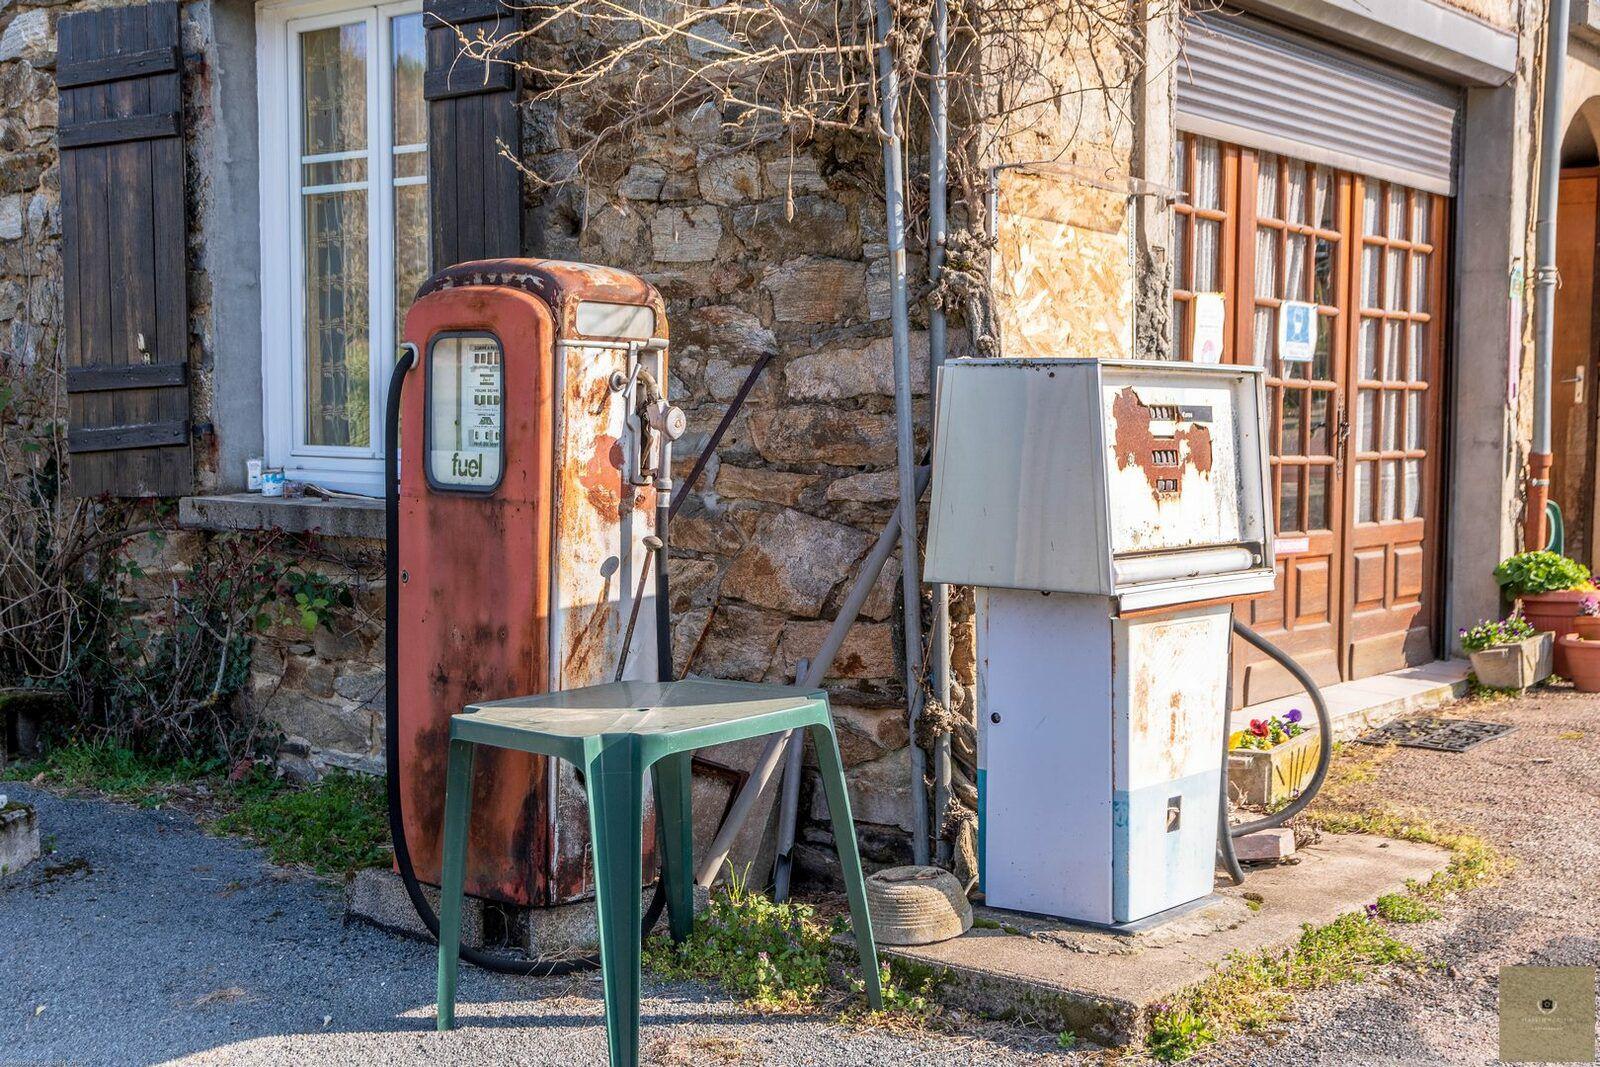 Notre visite photos du joli village de Chameyrat en Corrèze